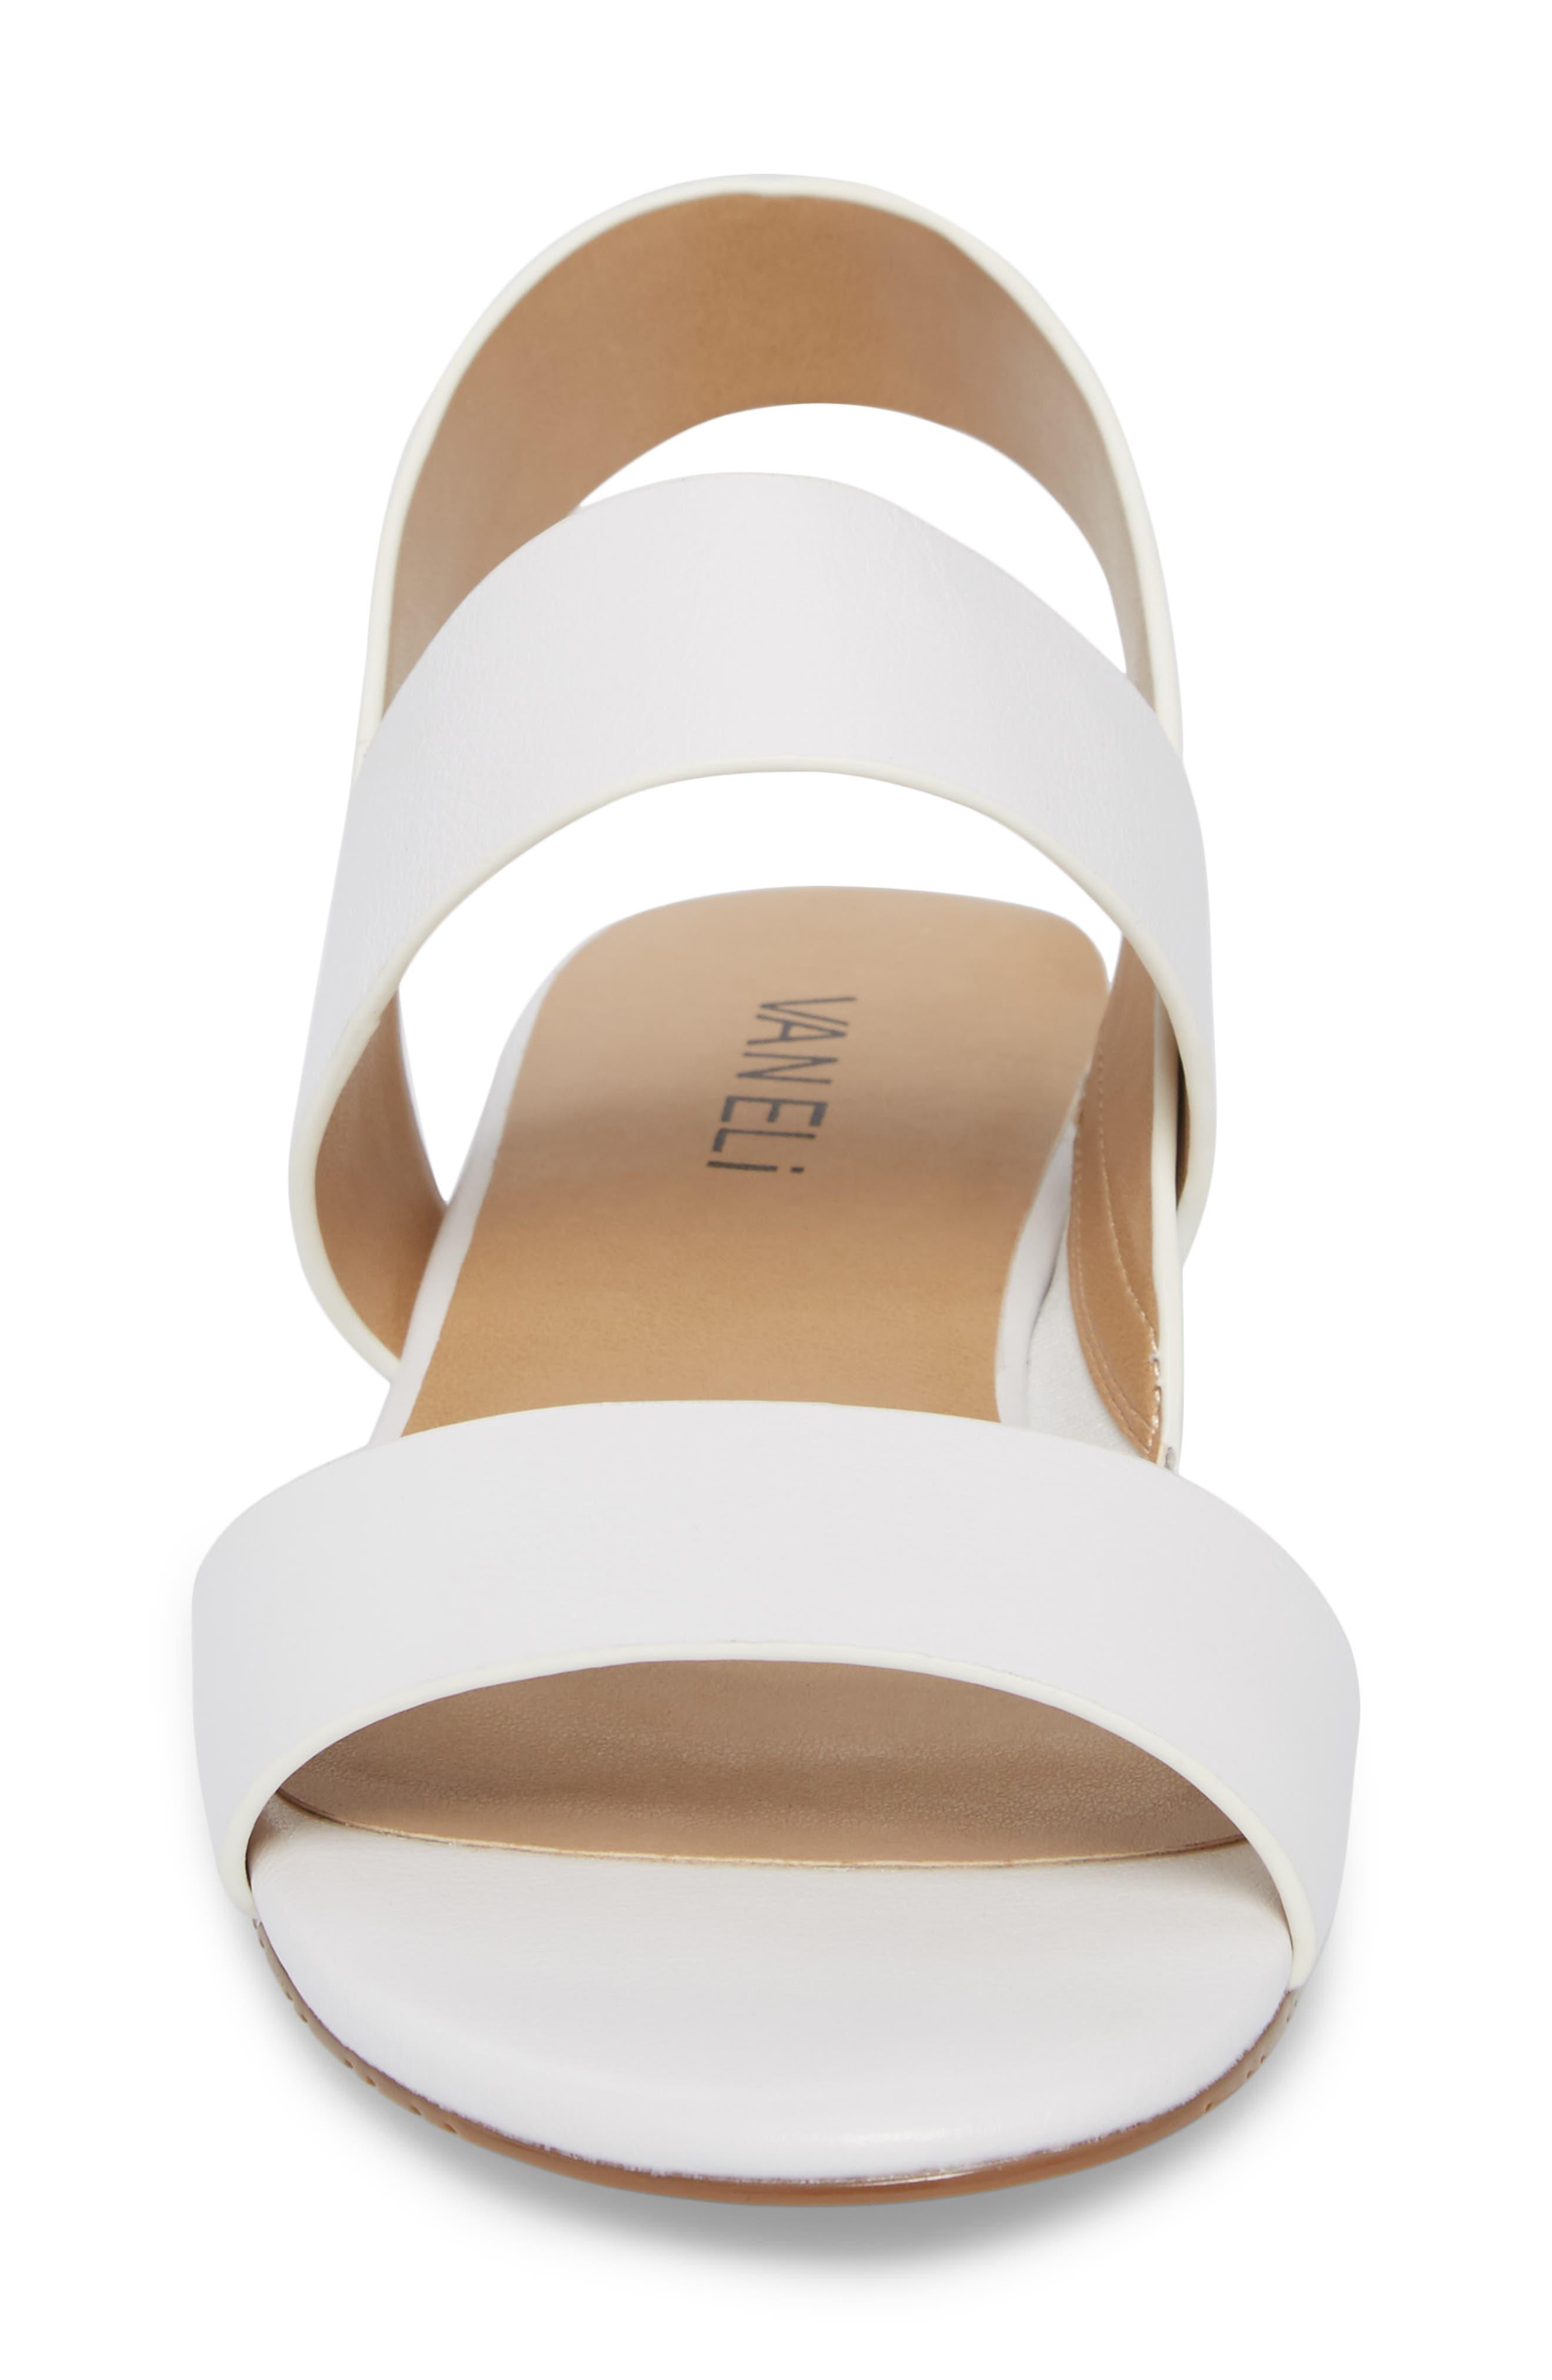 Blanka Sandal,                             Alternate thumbnail 4, color,                             White Leather